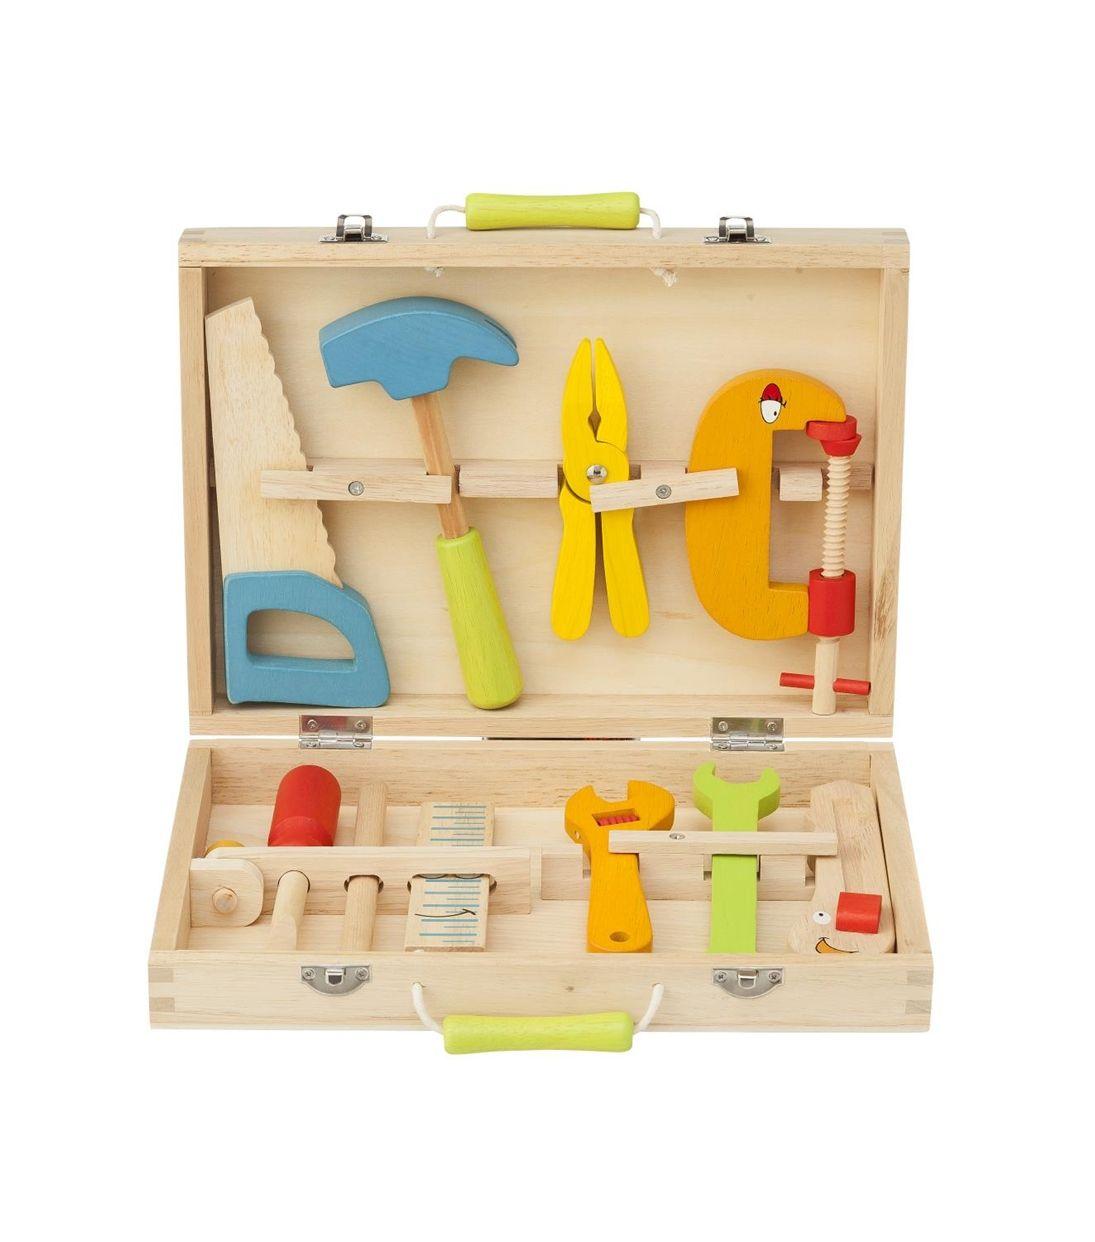 outils en bois hema jeux ducatifs partir de 2 ans pinterest outils en bois et bois. Black Bedroom Furniture Sets. Home Design Ideas